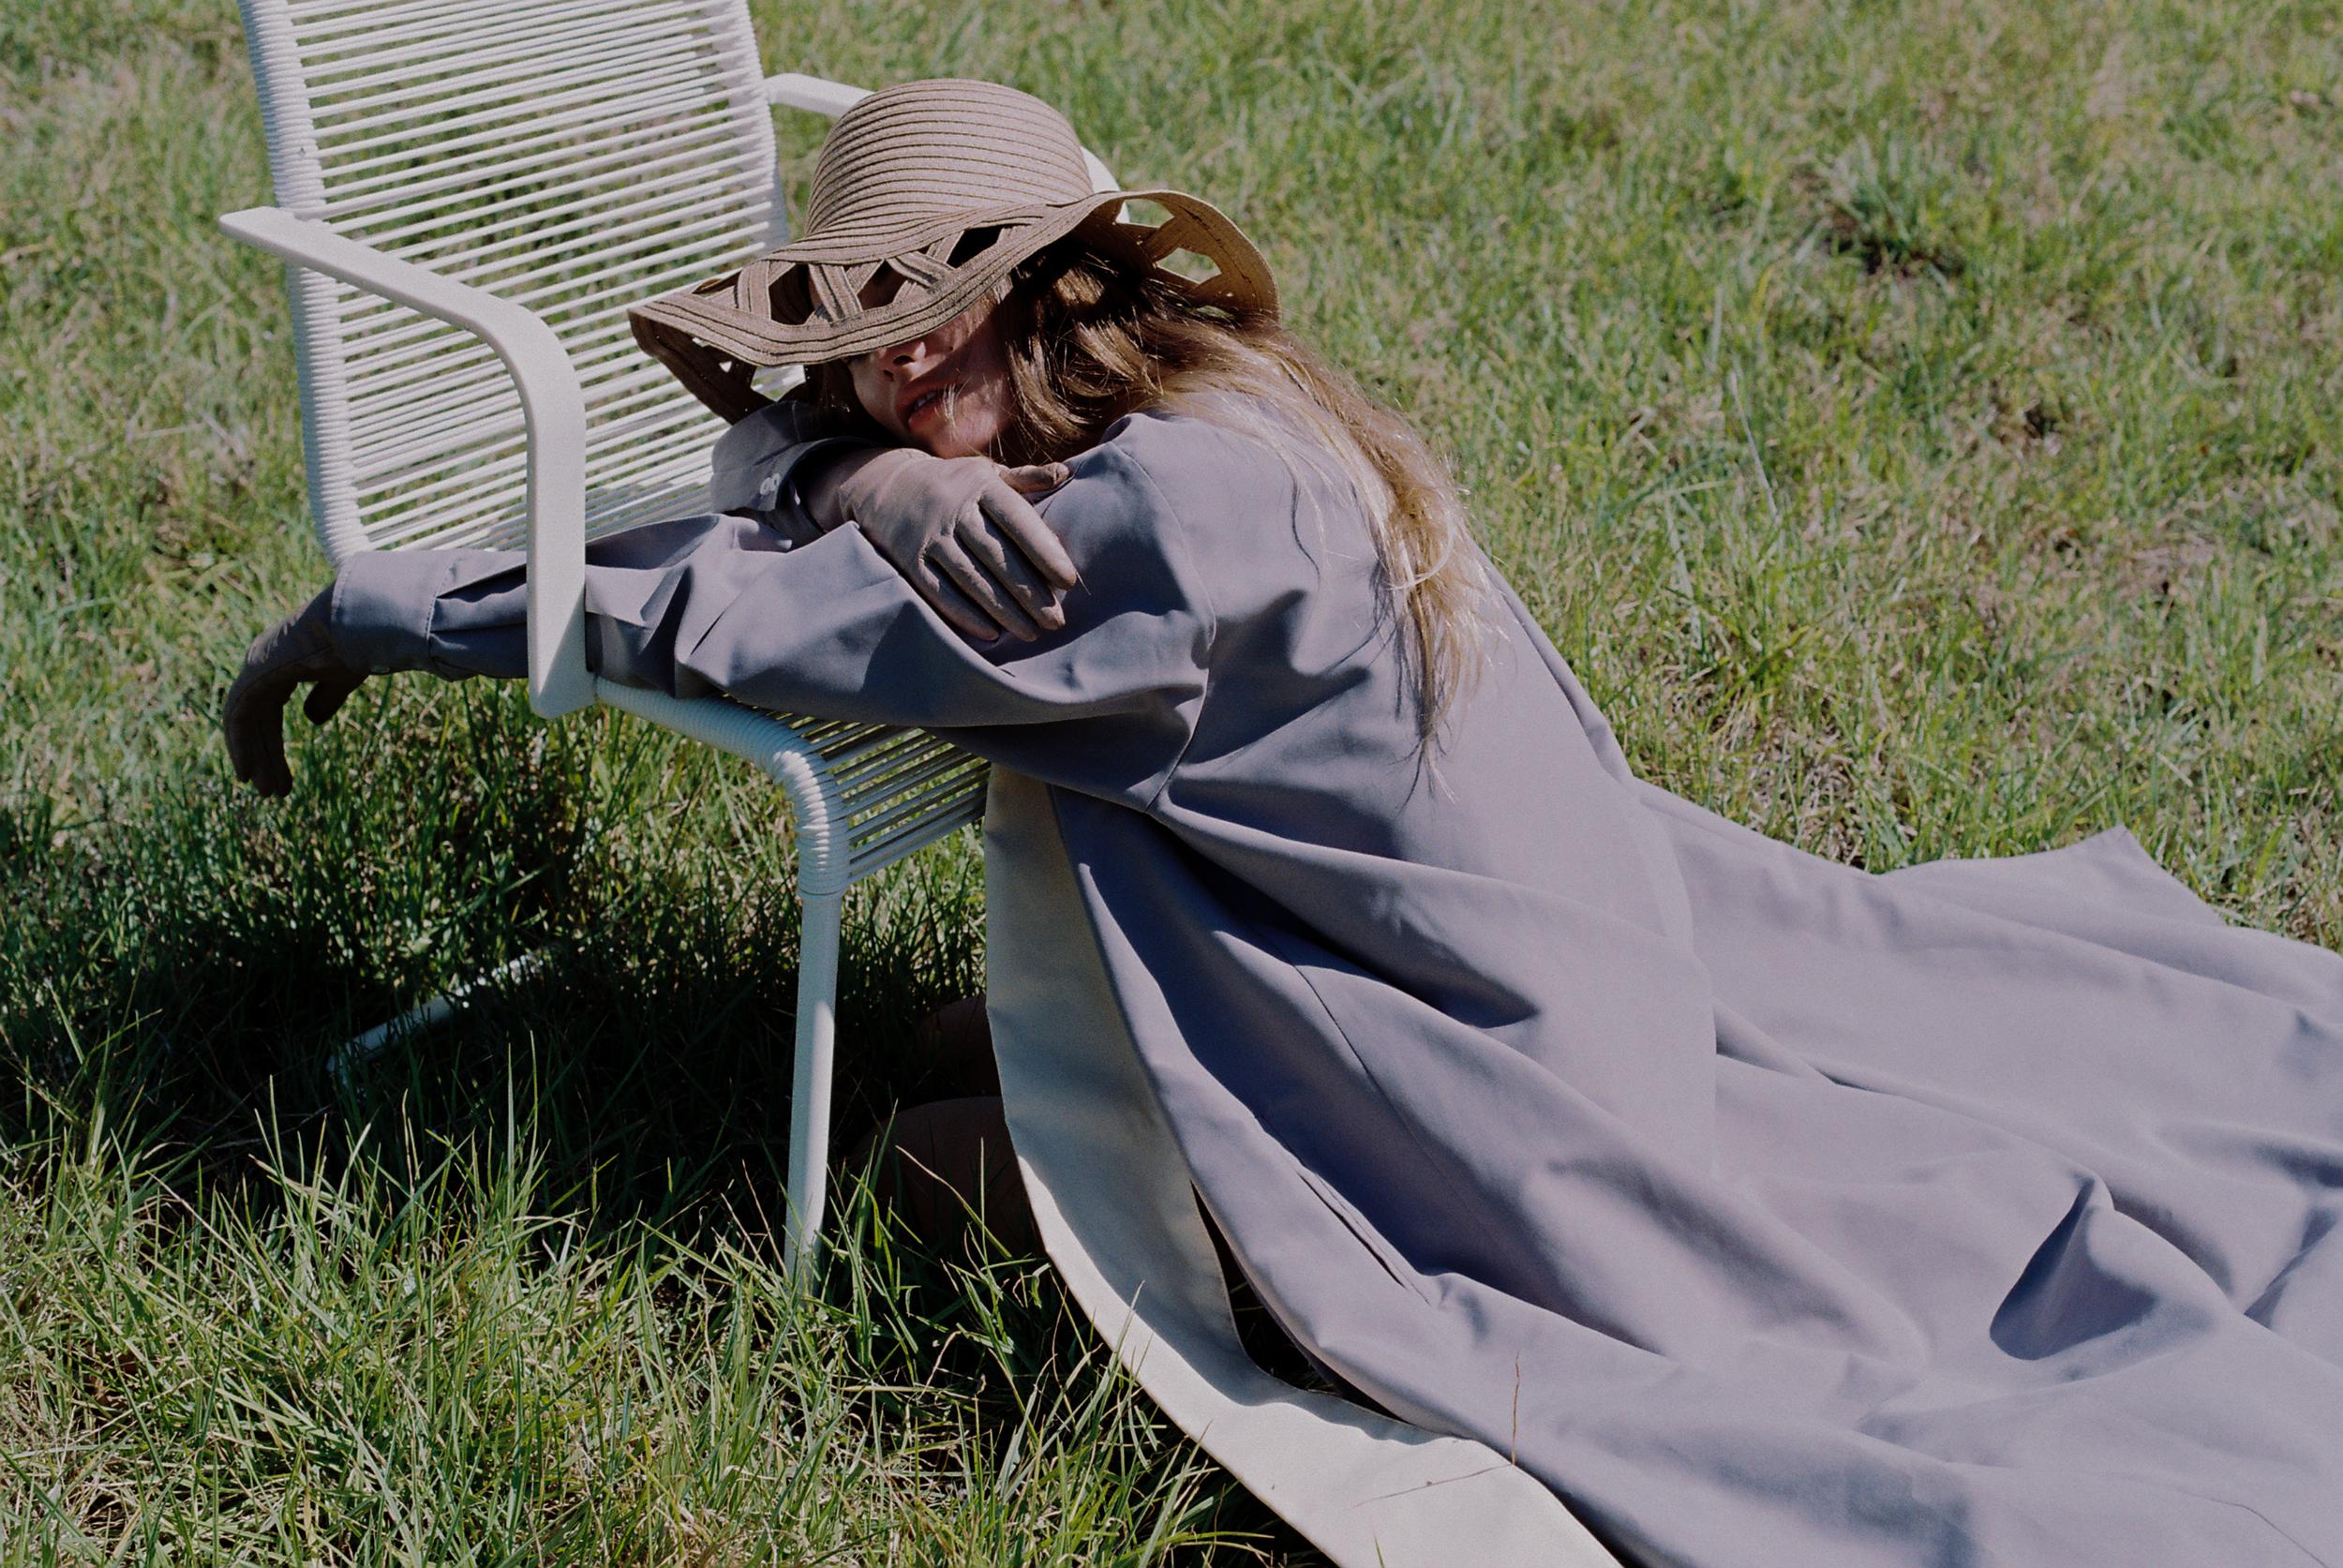 Candice Kitching in Merwe Mode - gabriella achadinha -22.jpg